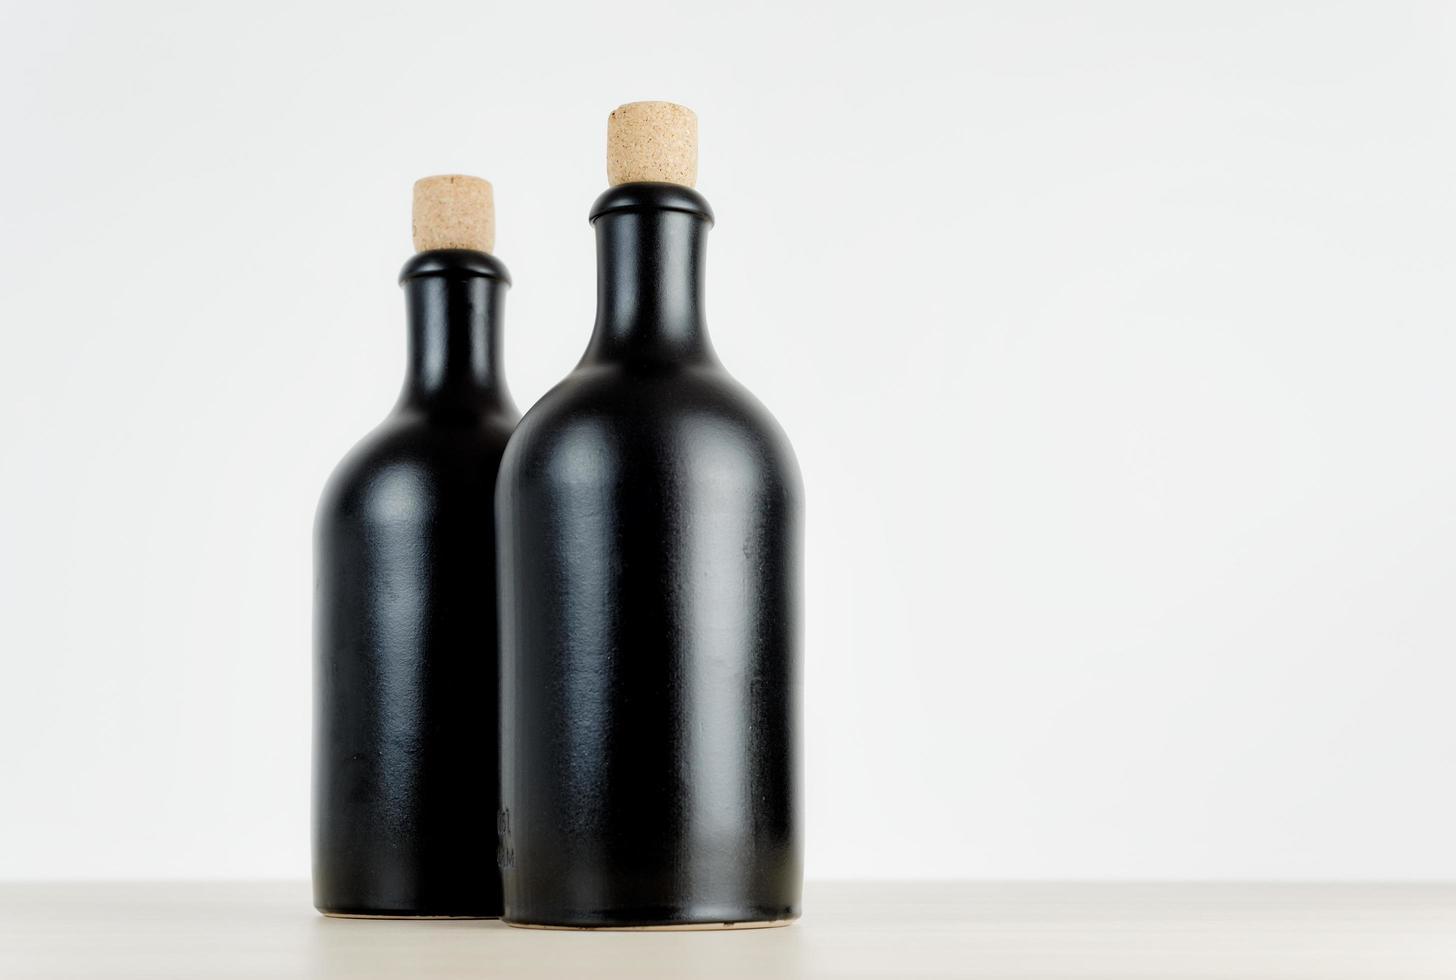 två tomma flaskor på ett bord foto